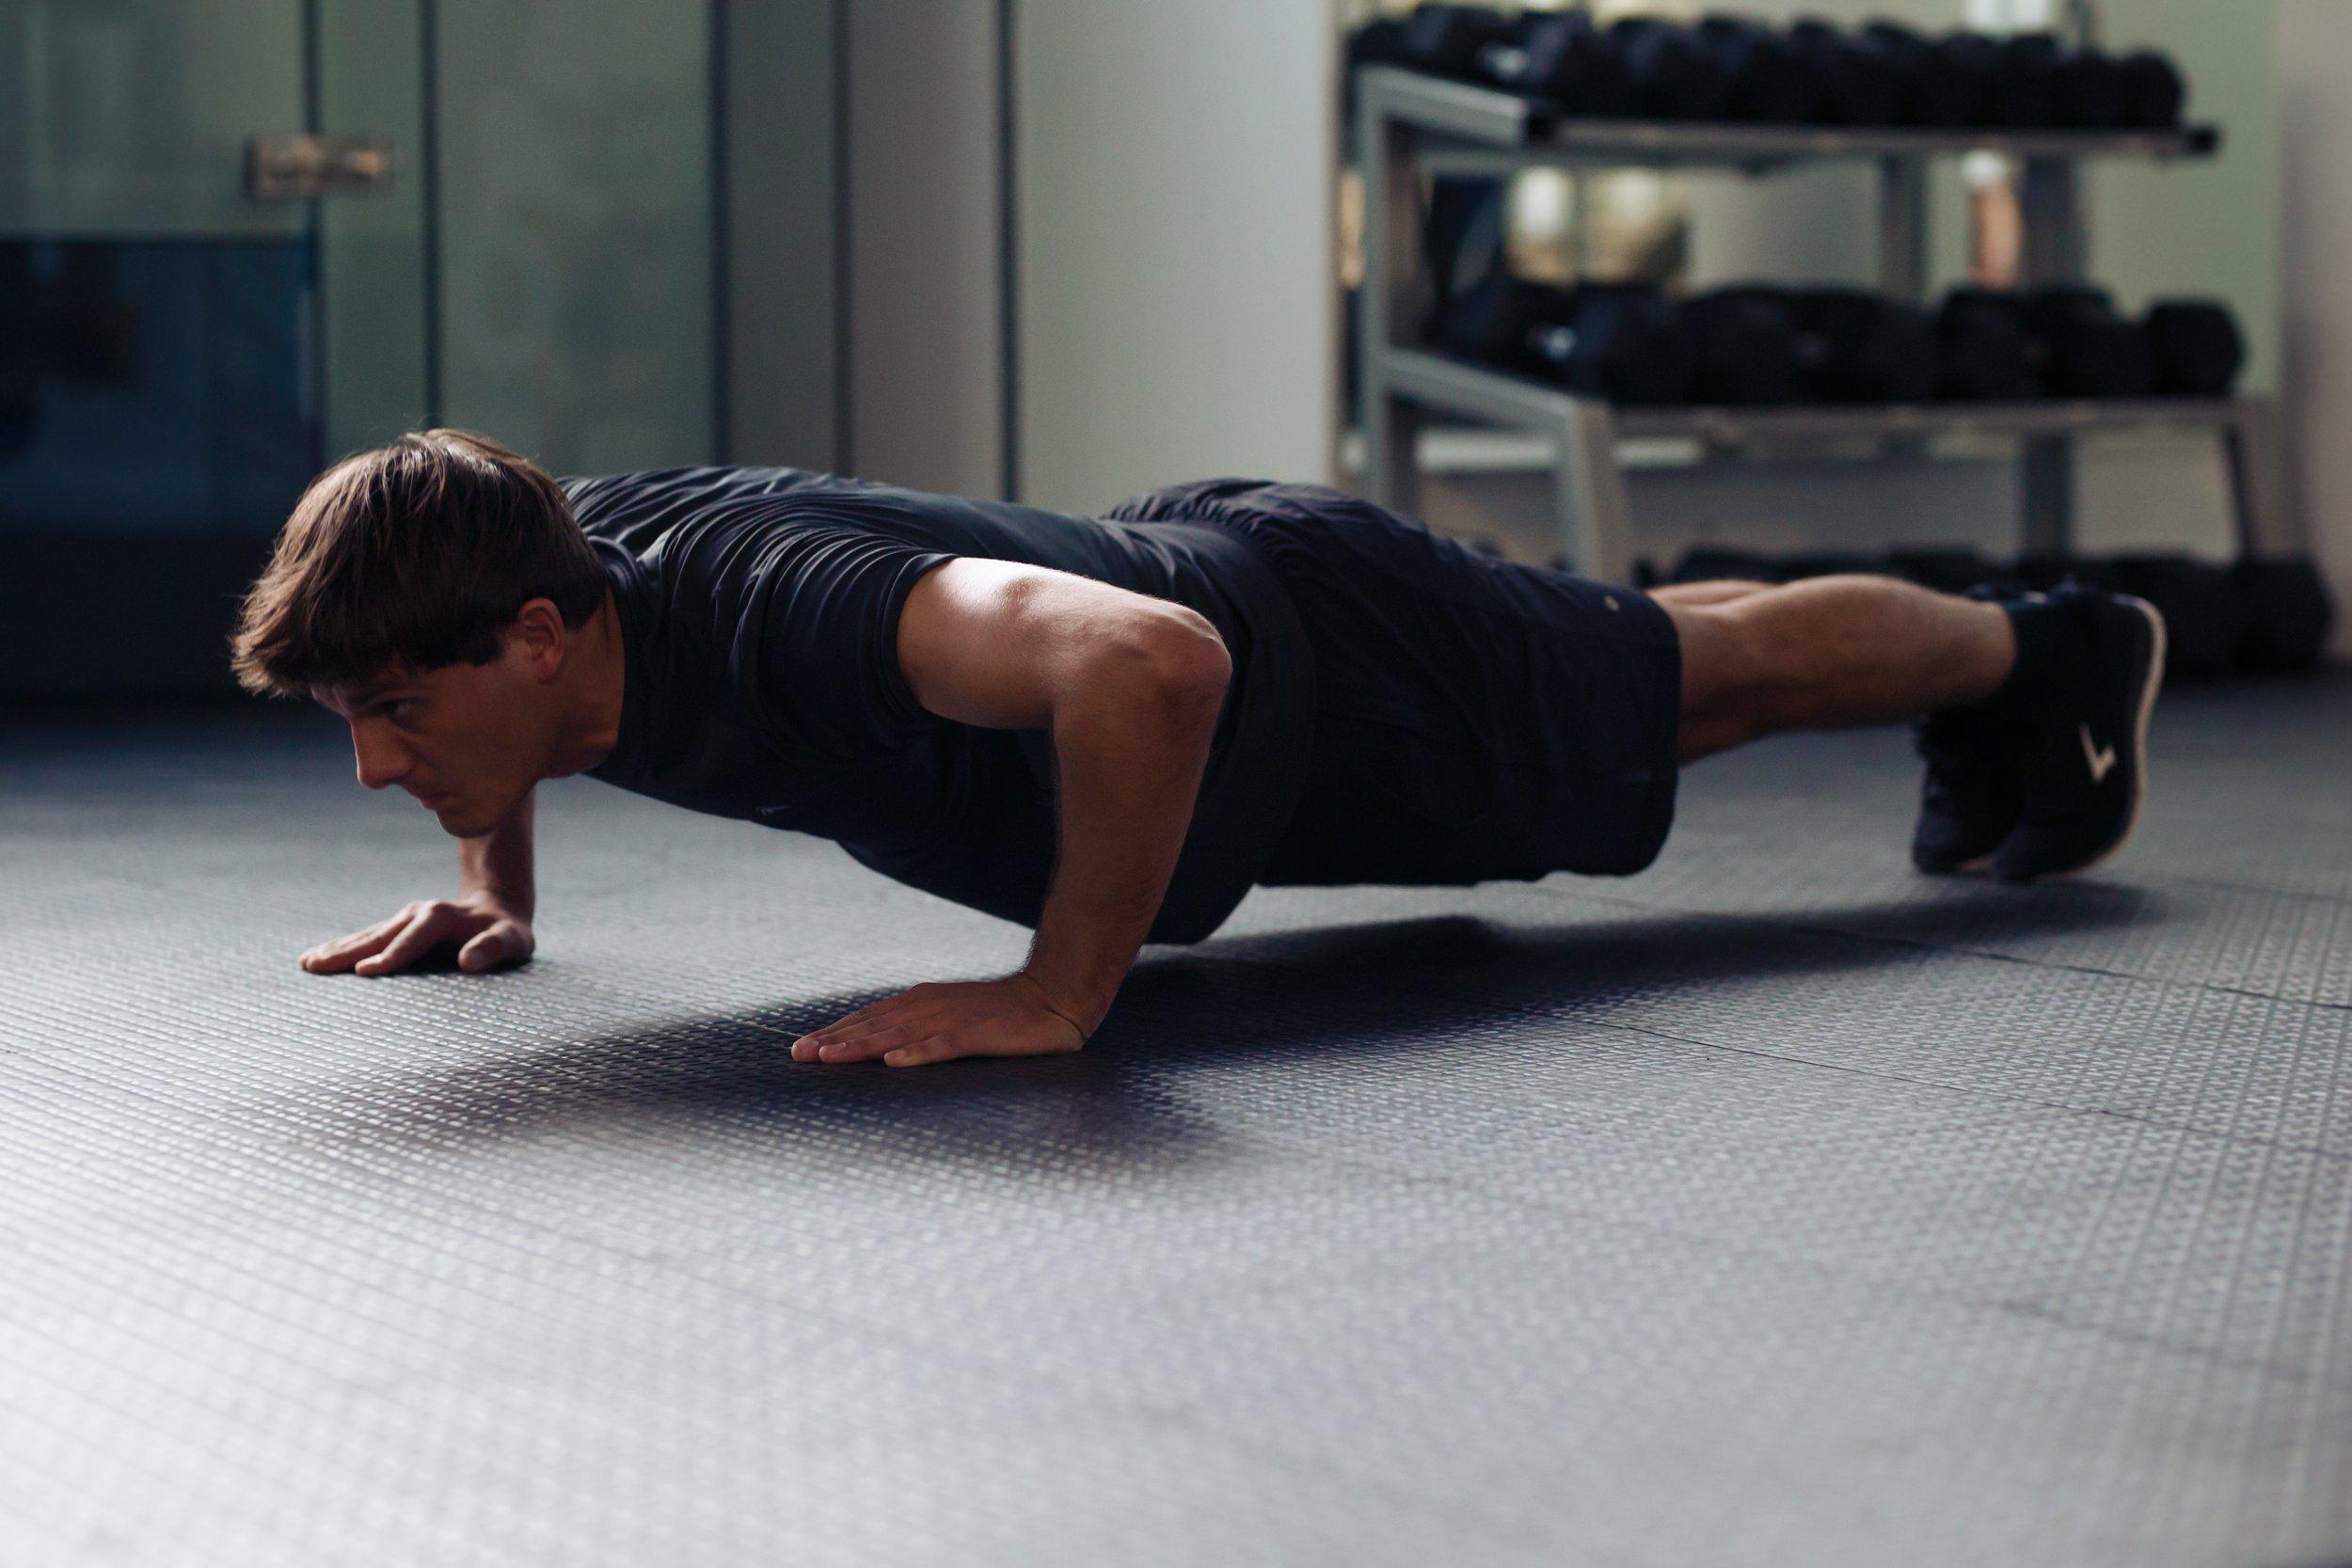 exercise room0337.jpg